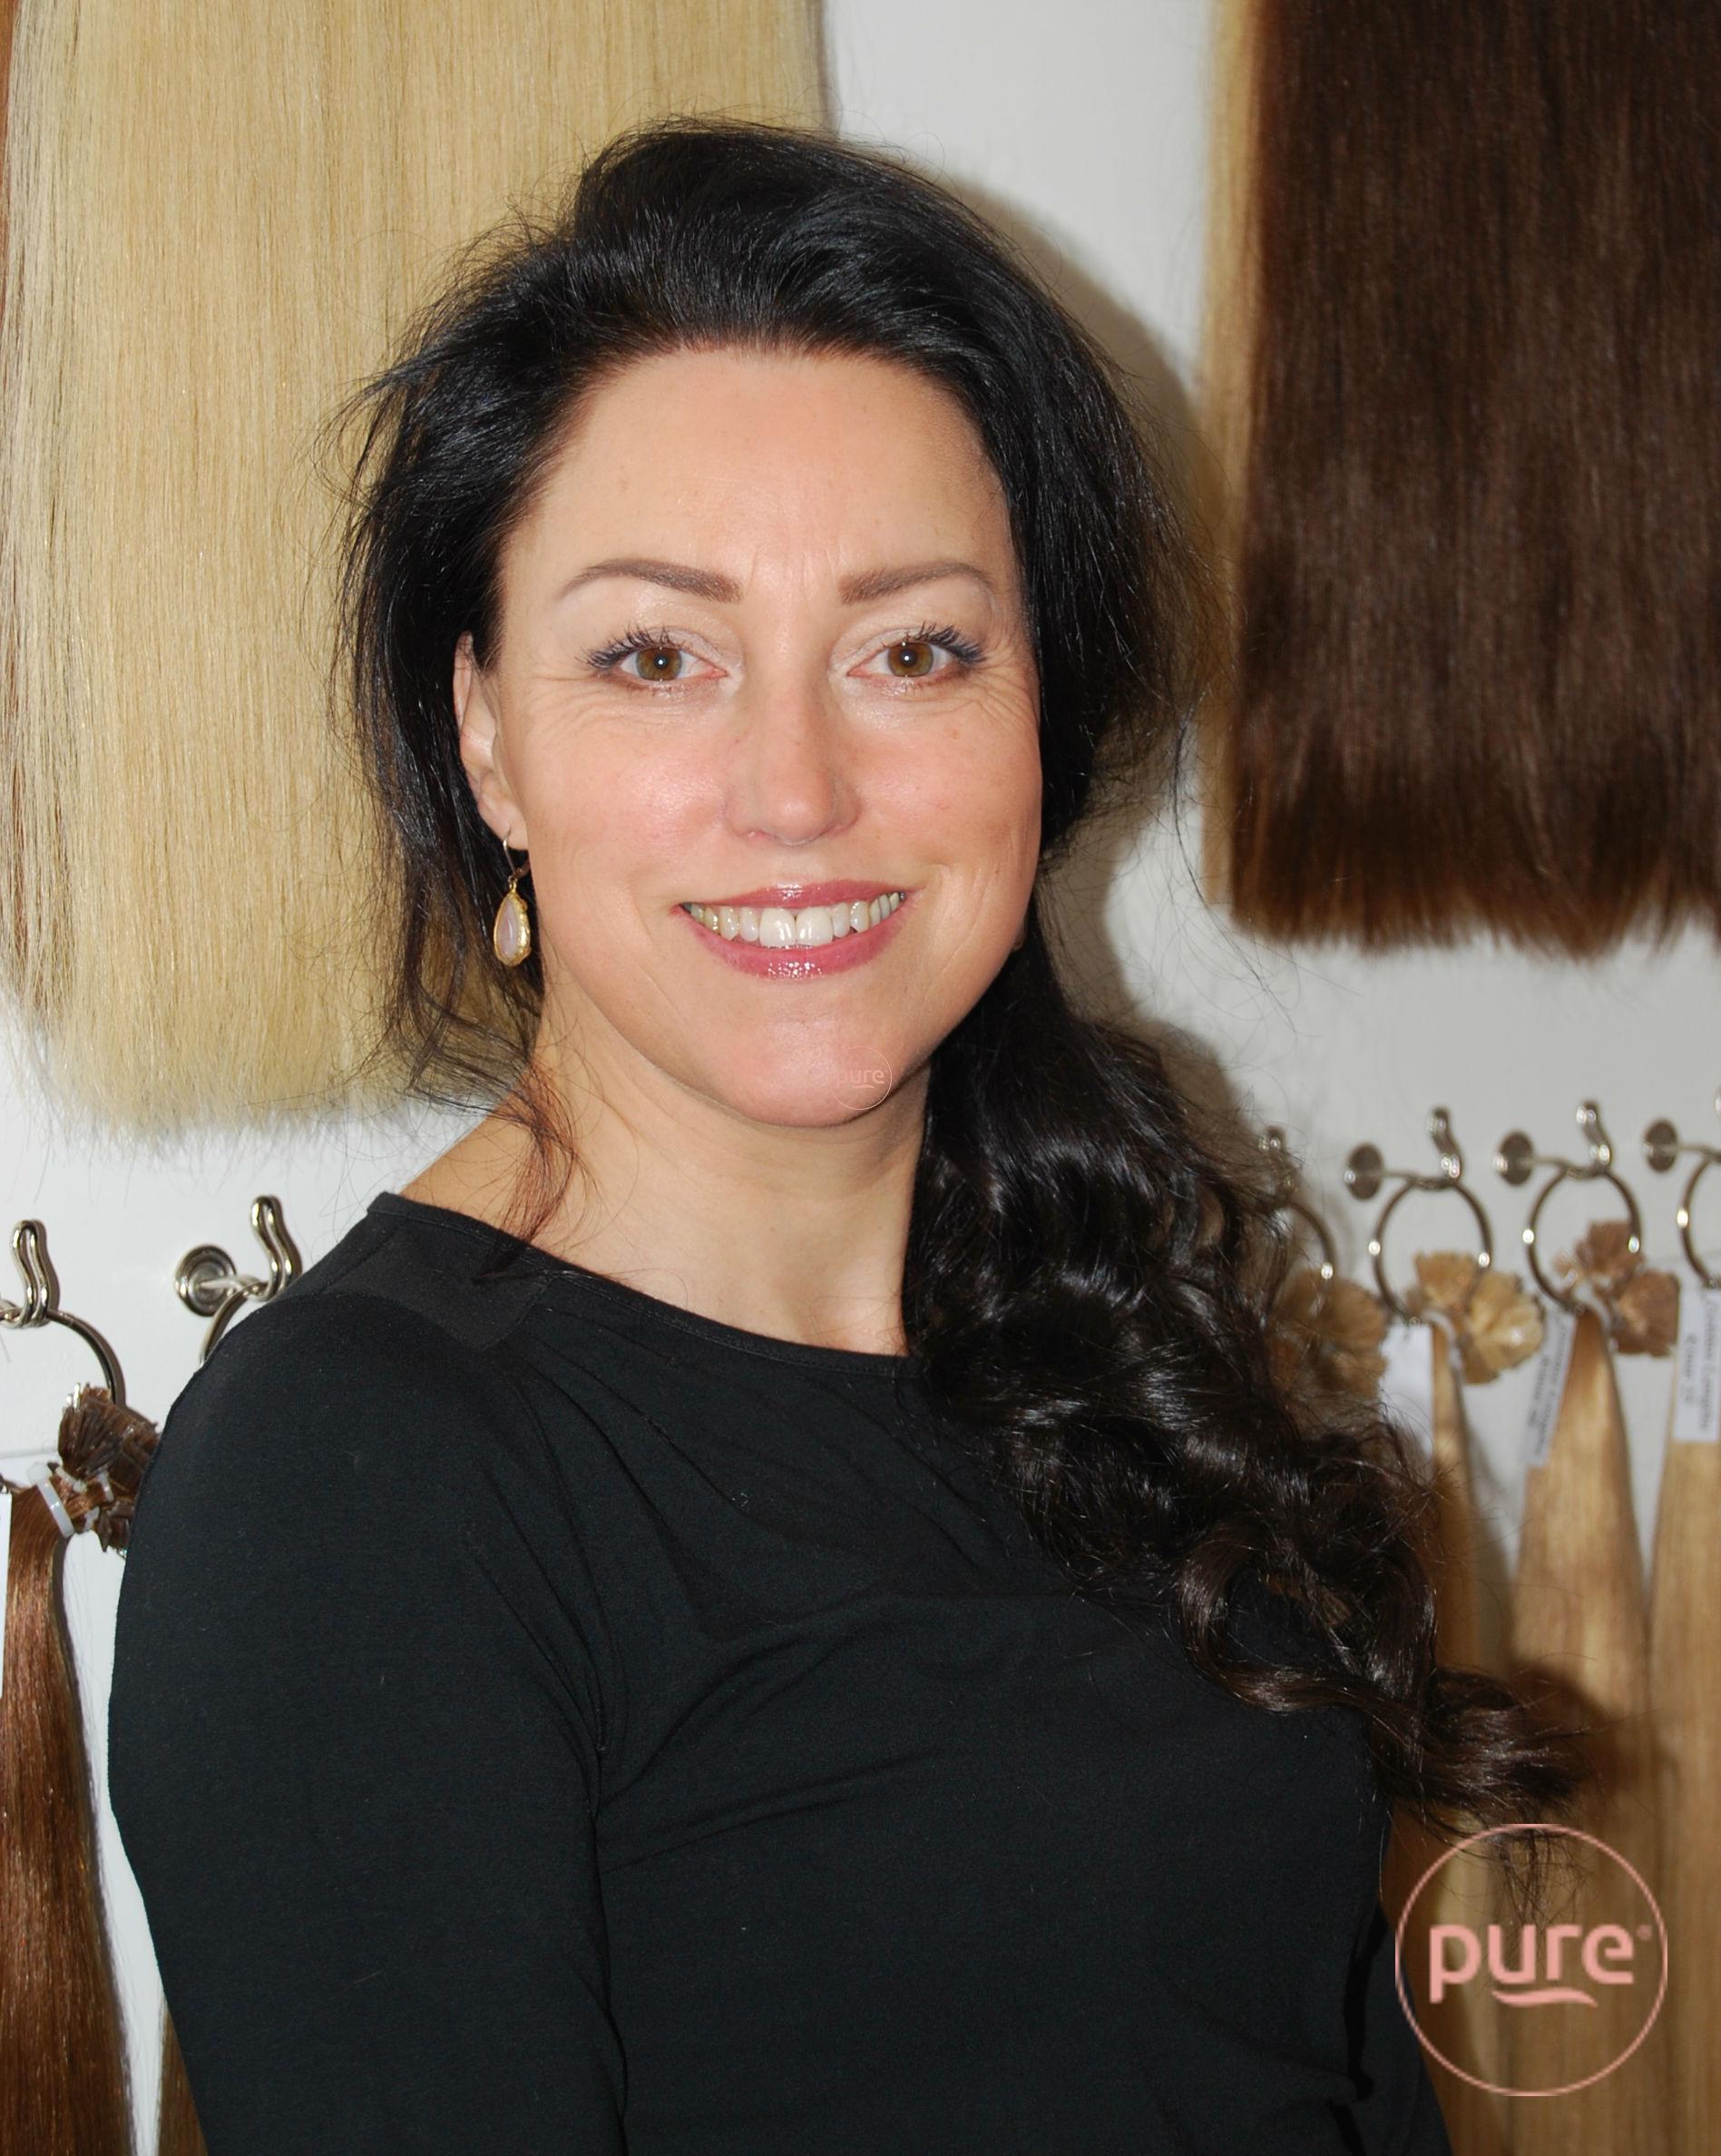 Sylvia-hairextensions-alkmaar